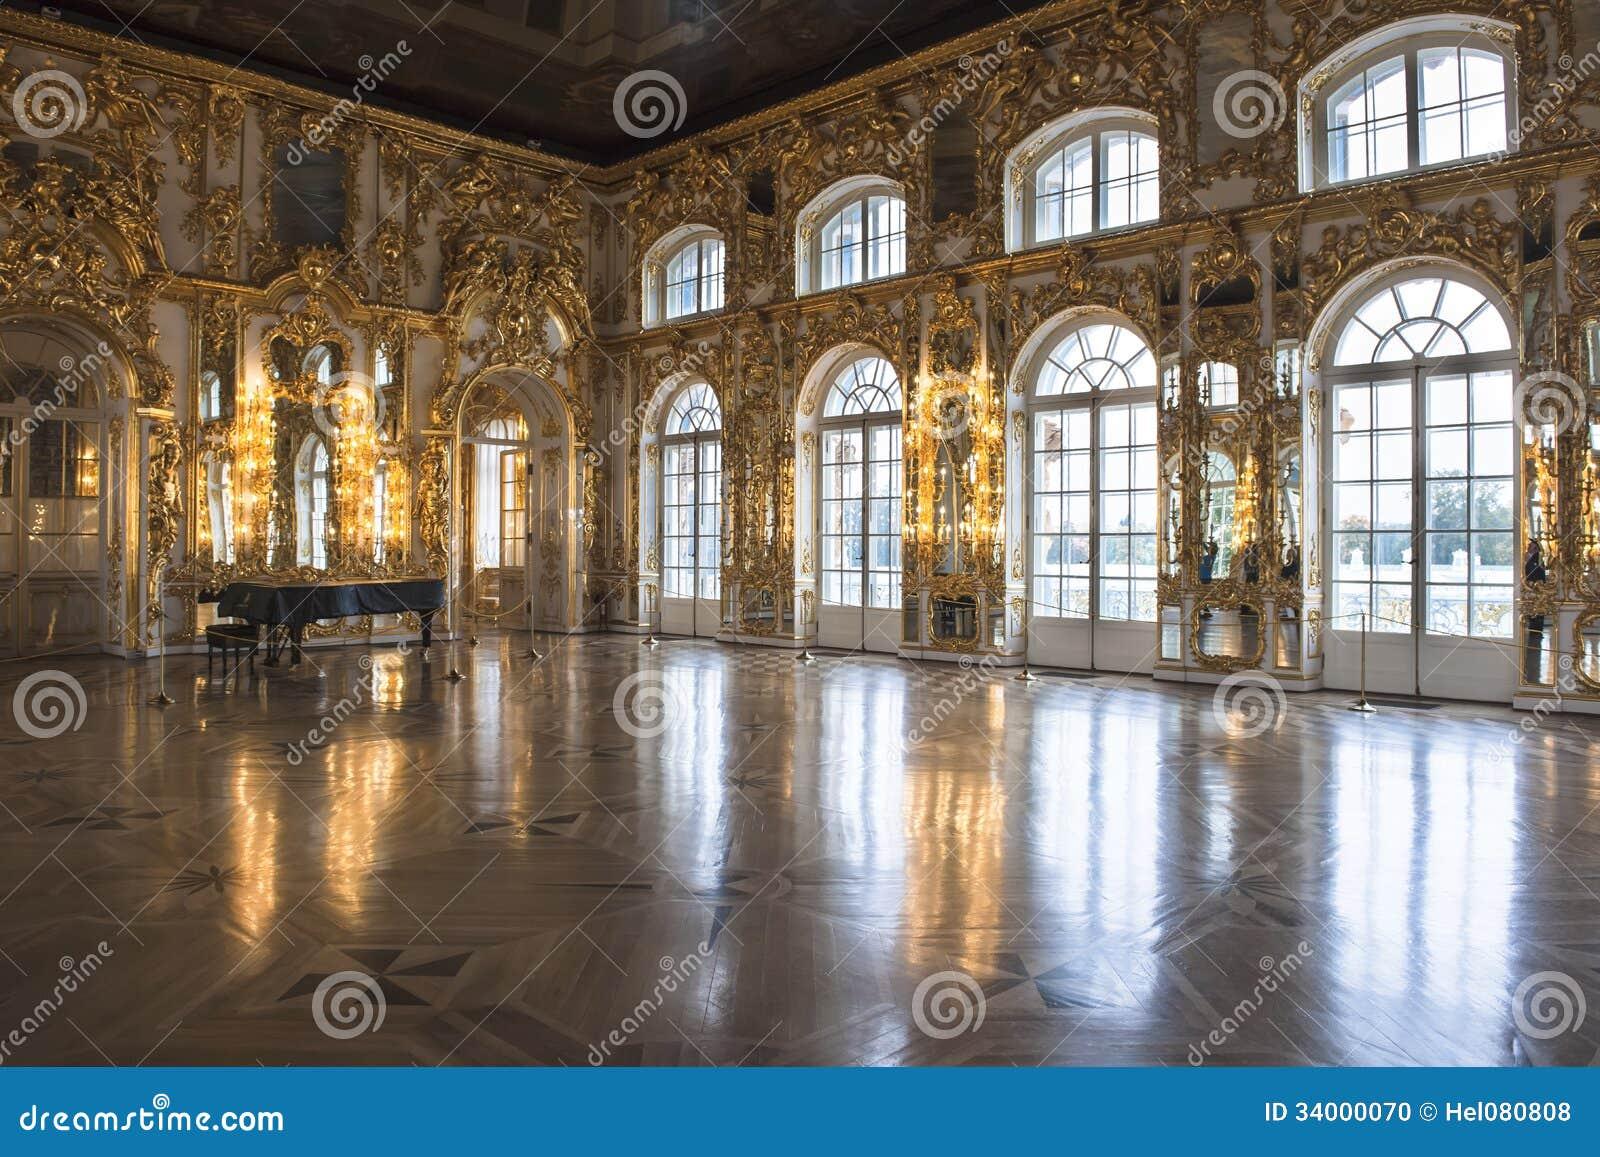 Παλάτι της Catherine αιθουσών χορού, Αγία Πετρούπολη